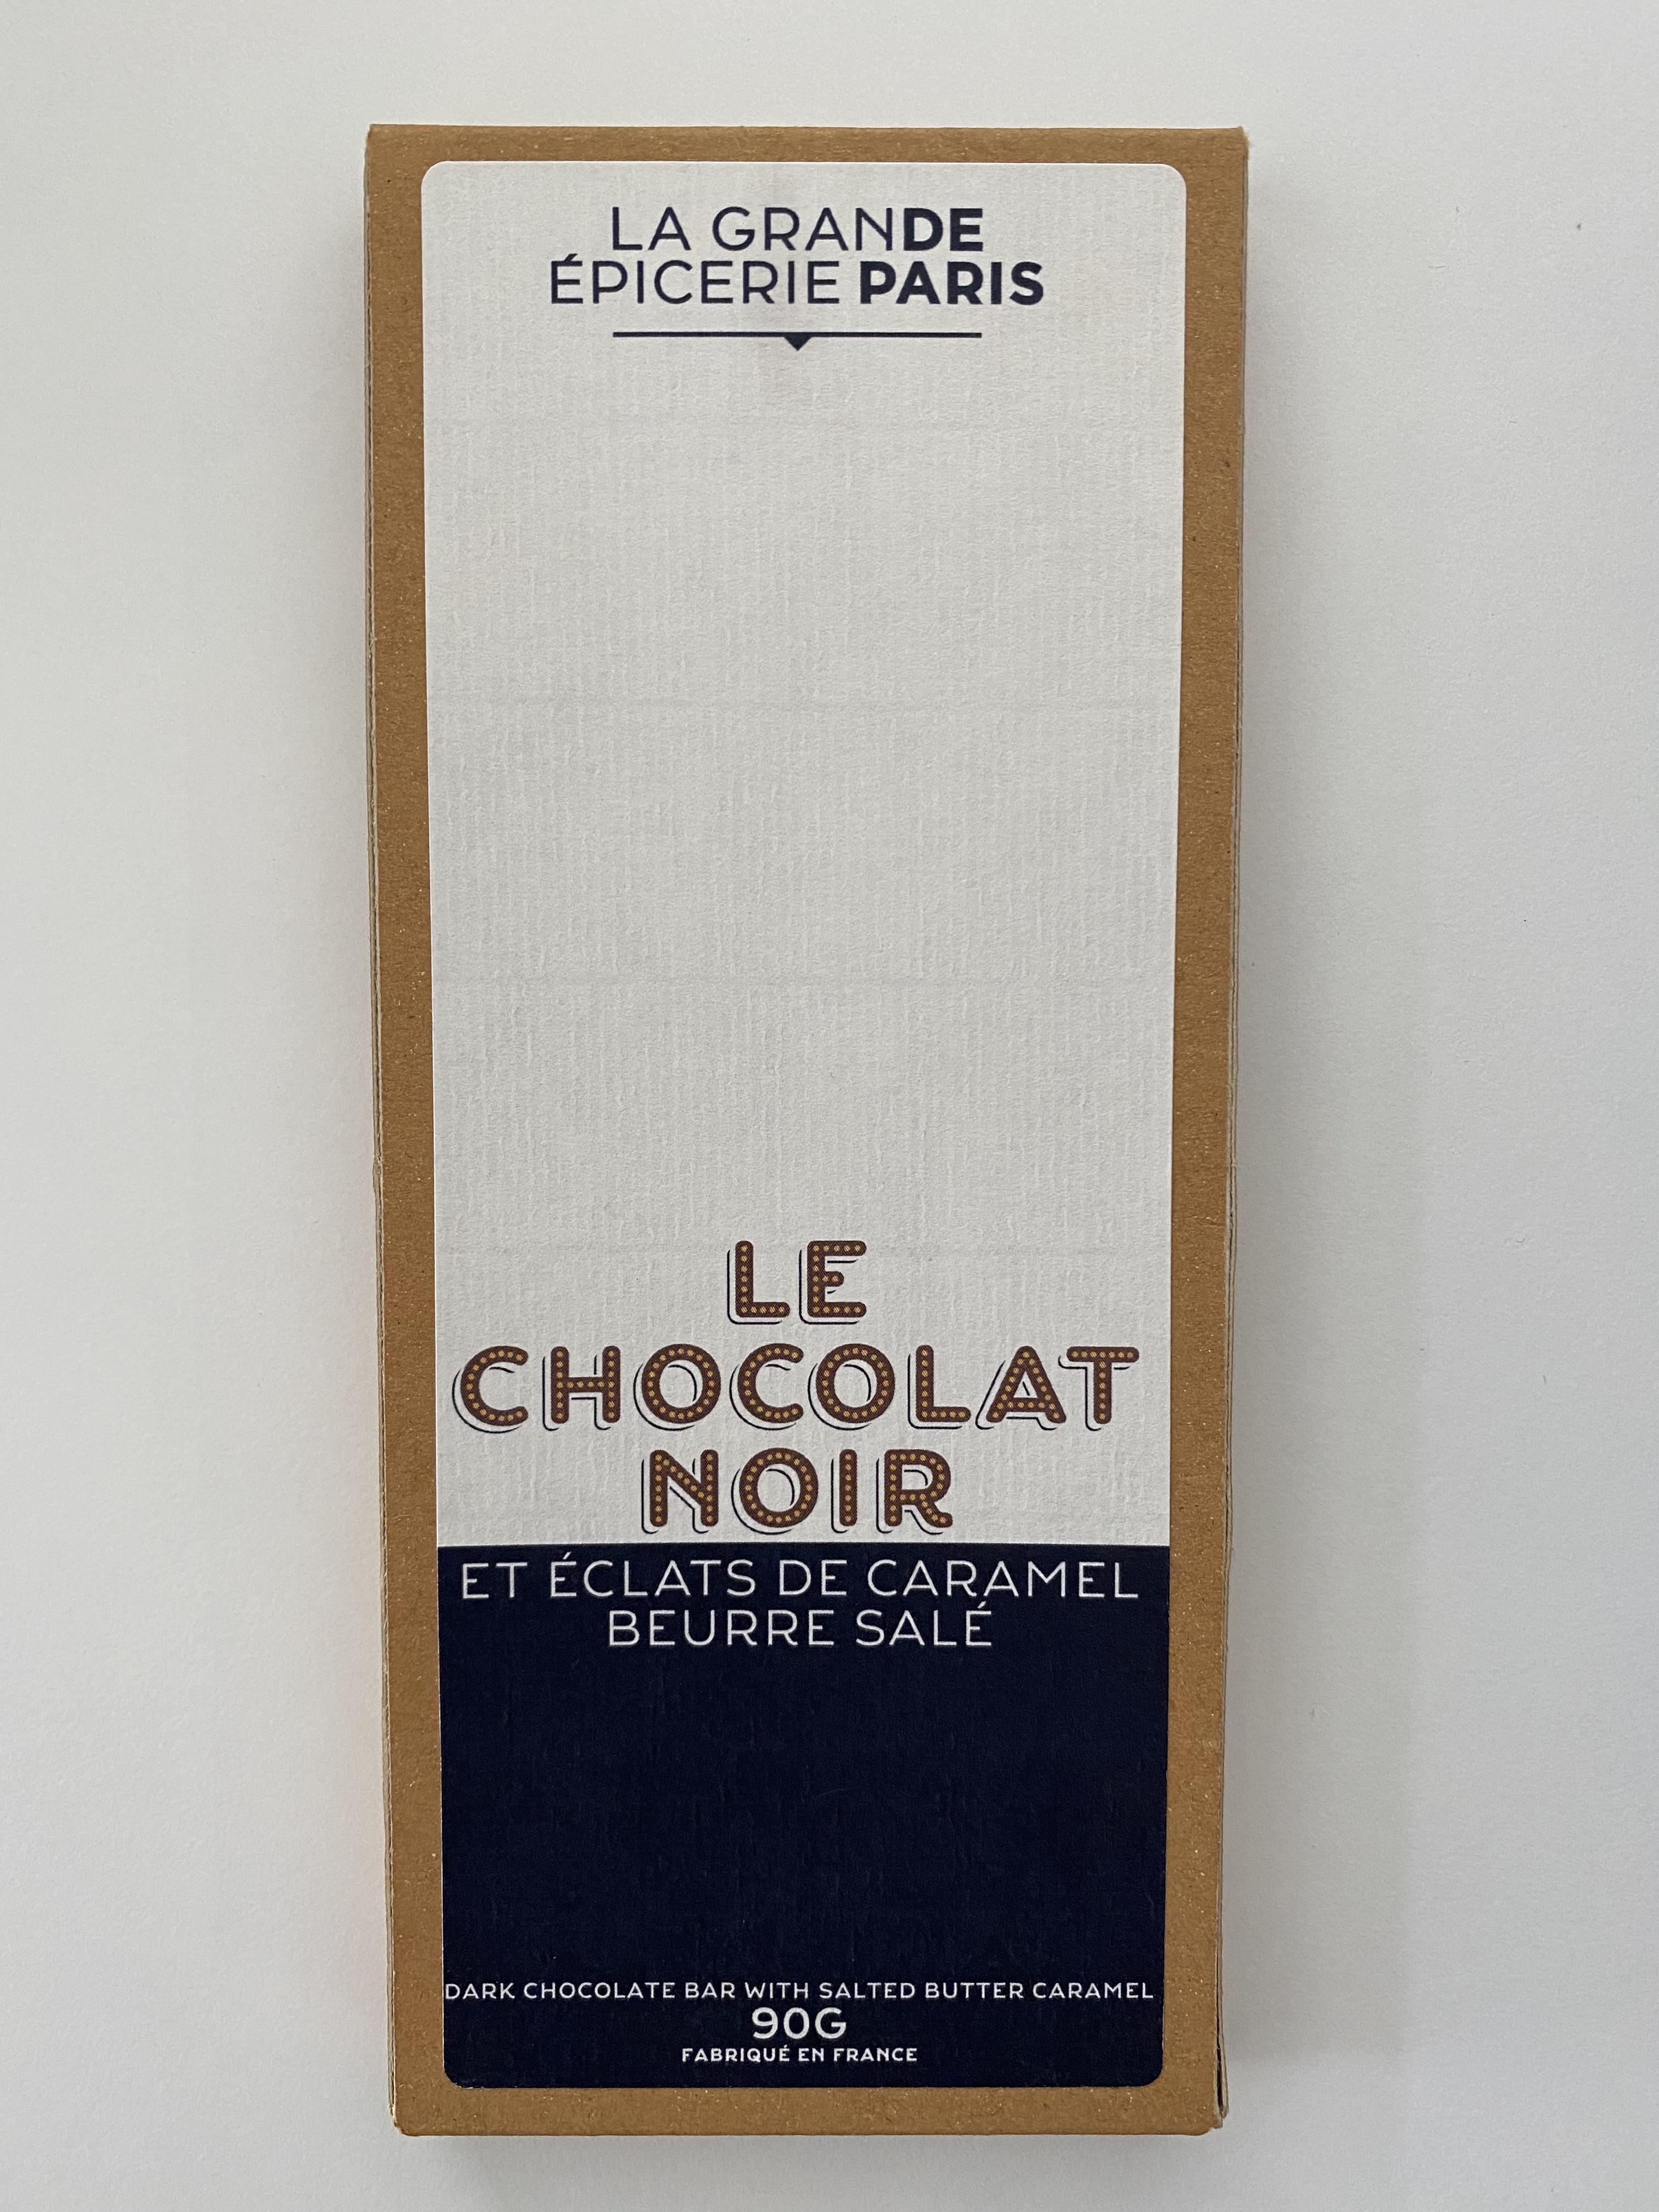 Tablette de chocolat noir au caramel beurre salé, La Grande Epicerie de Paris (90 g)